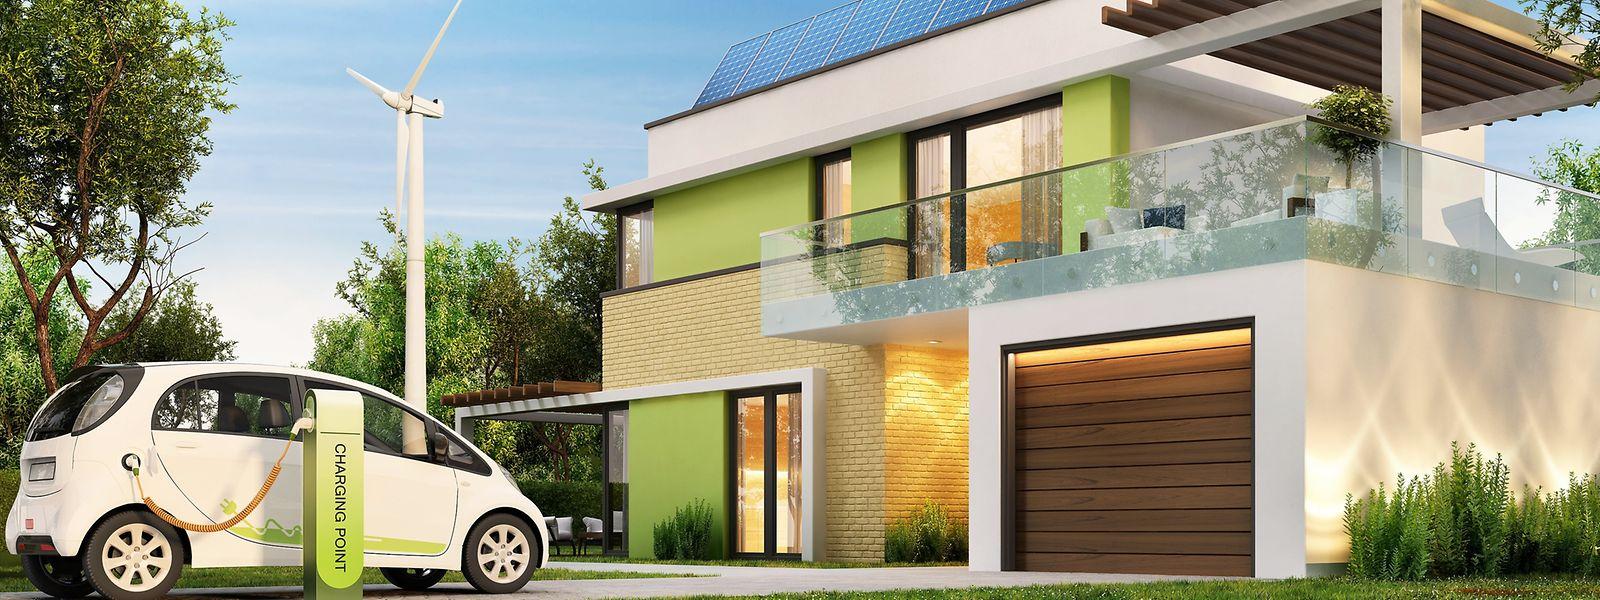 Après avoir boosté les bornes privées de recharge pour véhicules électrique et le solaire, Claude Turmes veut en finir avec les chauffages à énergie fossile.